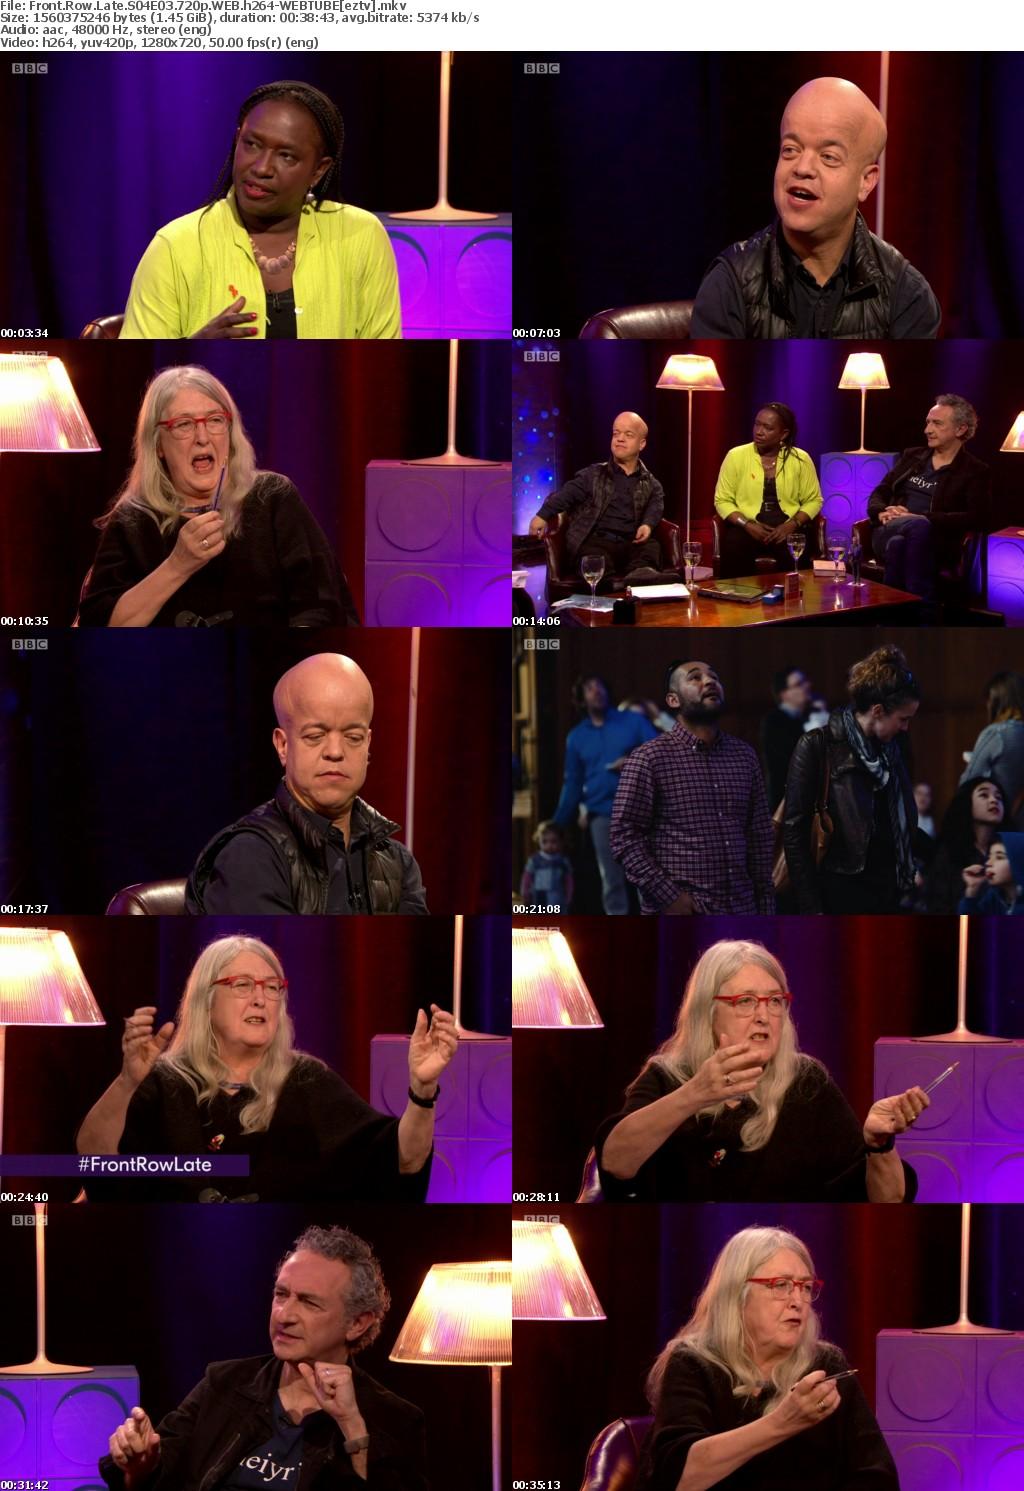 Front Row Late S04E03 720p WEB h264-WEBTUBE